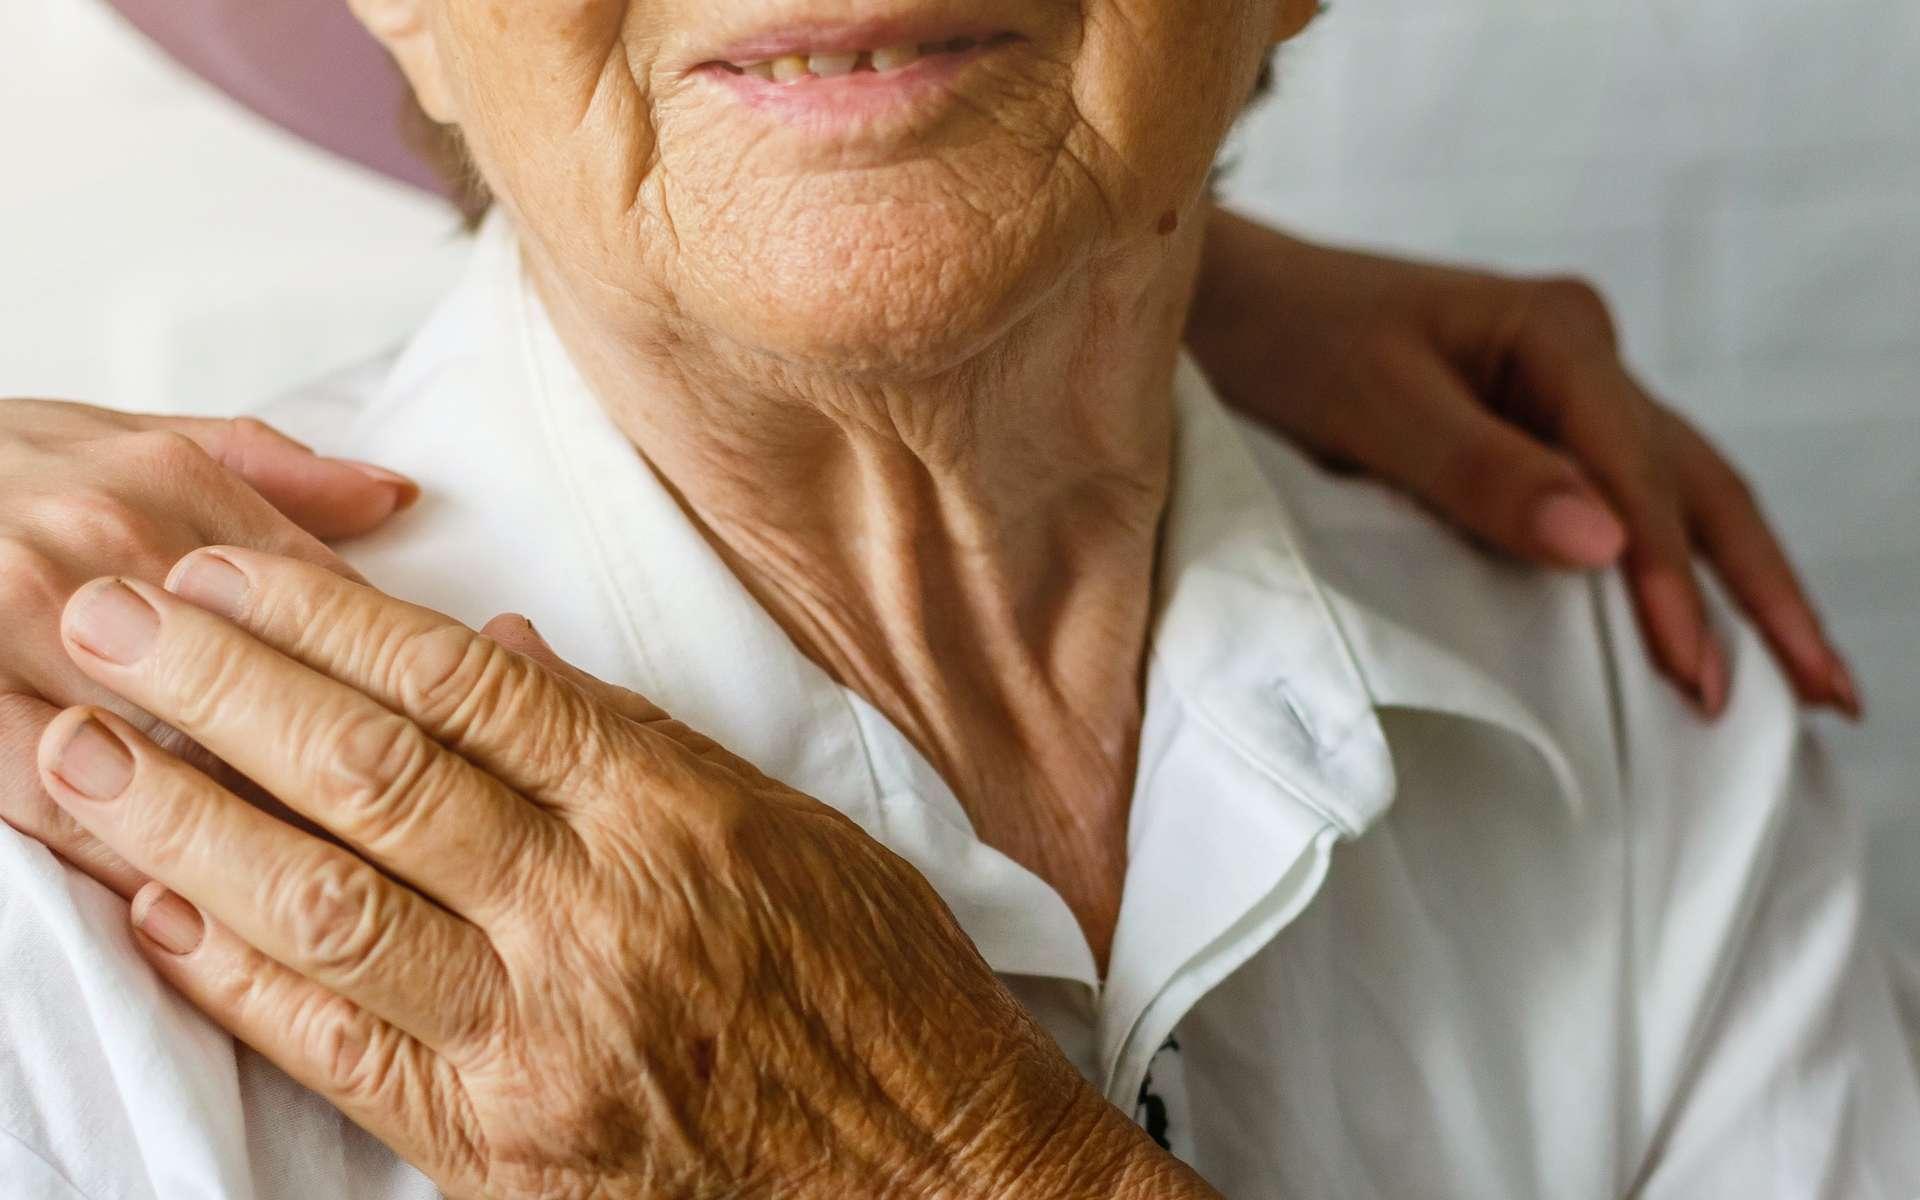 Les auxiliaires de vie s'occupent de personnes âgées ou handicapées. © Angelov, Adobe Stock